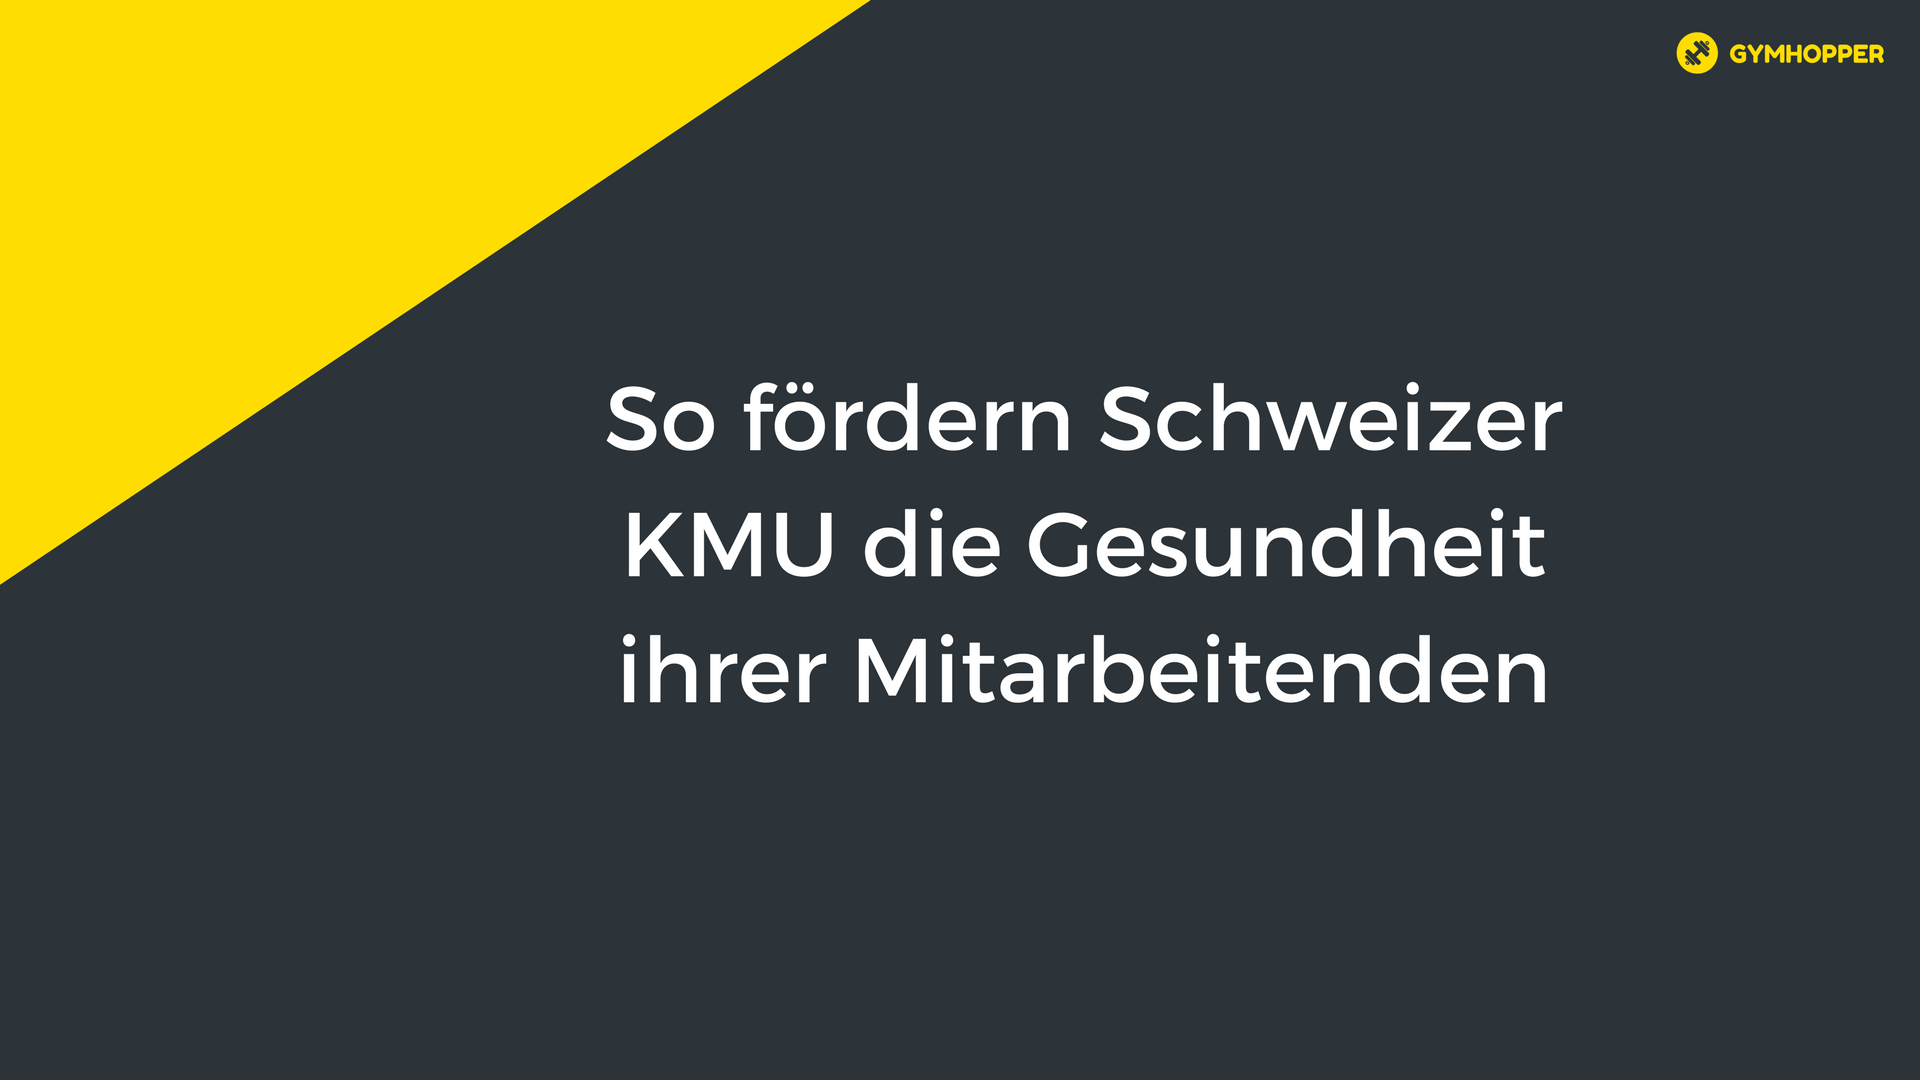 So fördern Schweizer KMU die Gesundheit ihrer Mitarbeitenden